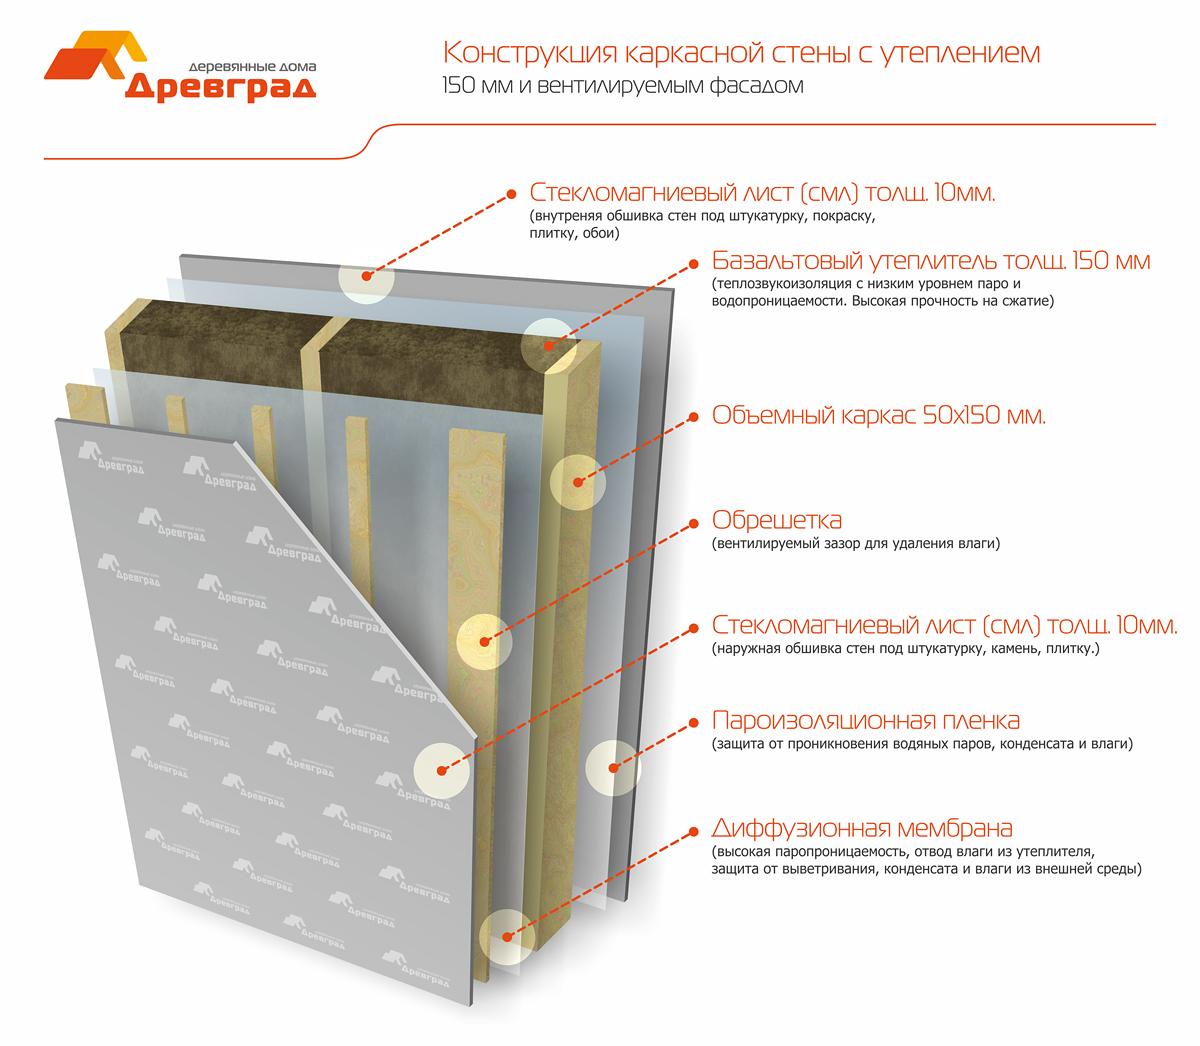 Вводя данные в конфигуратор расчета стоимости строительства домов, Вы даете свое согласие на получение информационных материалов от компании ДревГрад